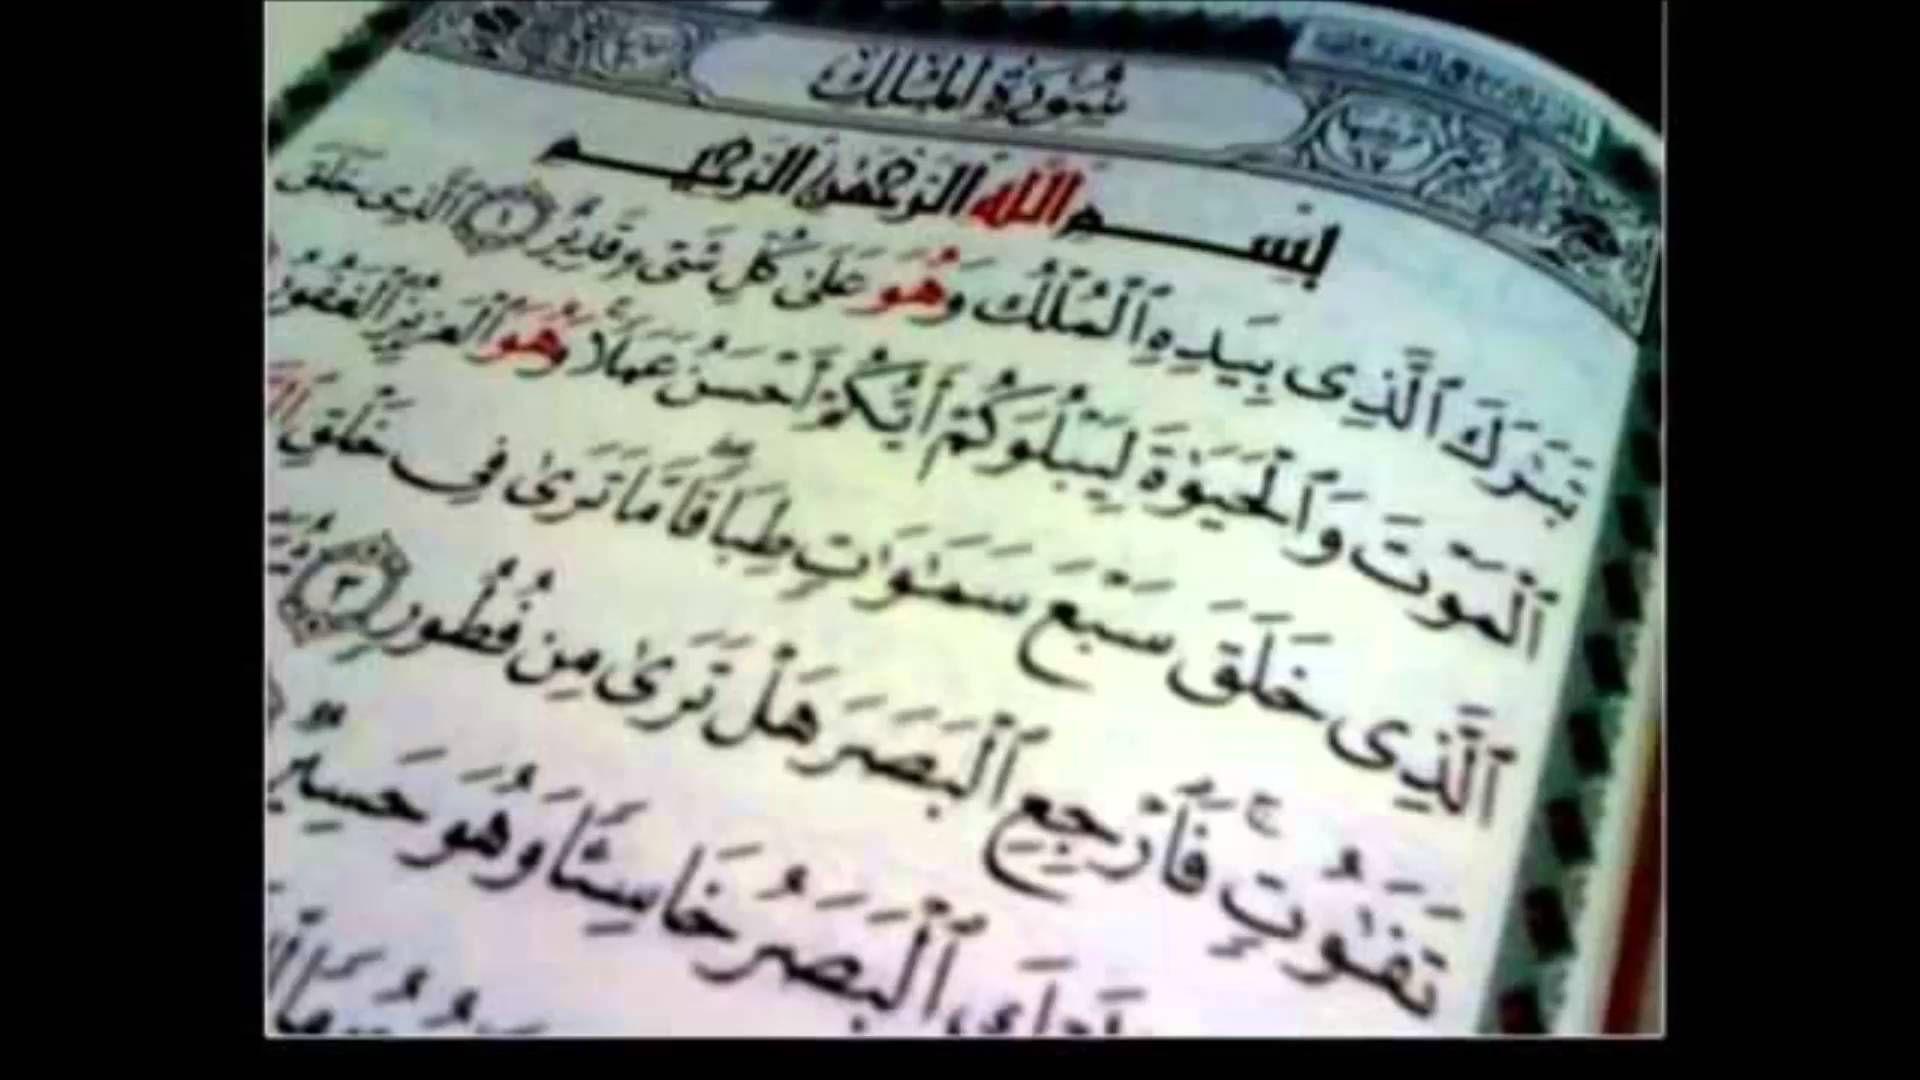 سورة الملك كامله ماهر المعيقلي Listen To Quran Hand Art Social Security Card